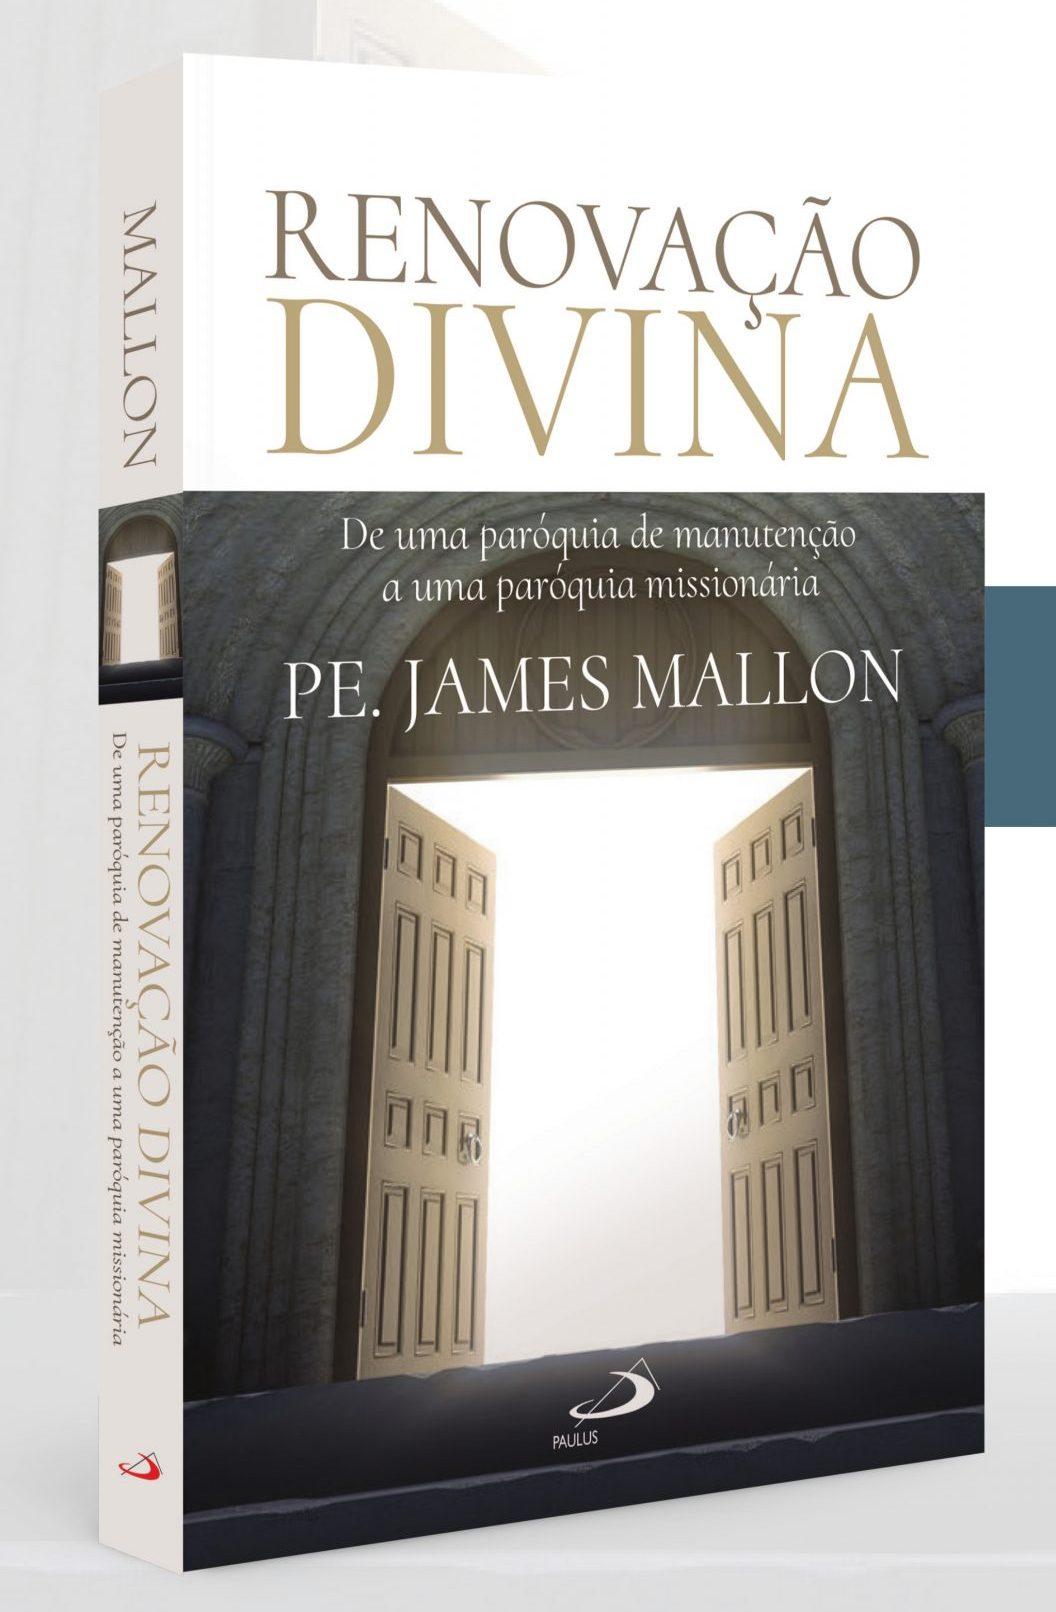 Leituras sobre a fé e a Igreja, Desafios actuais às paróquias